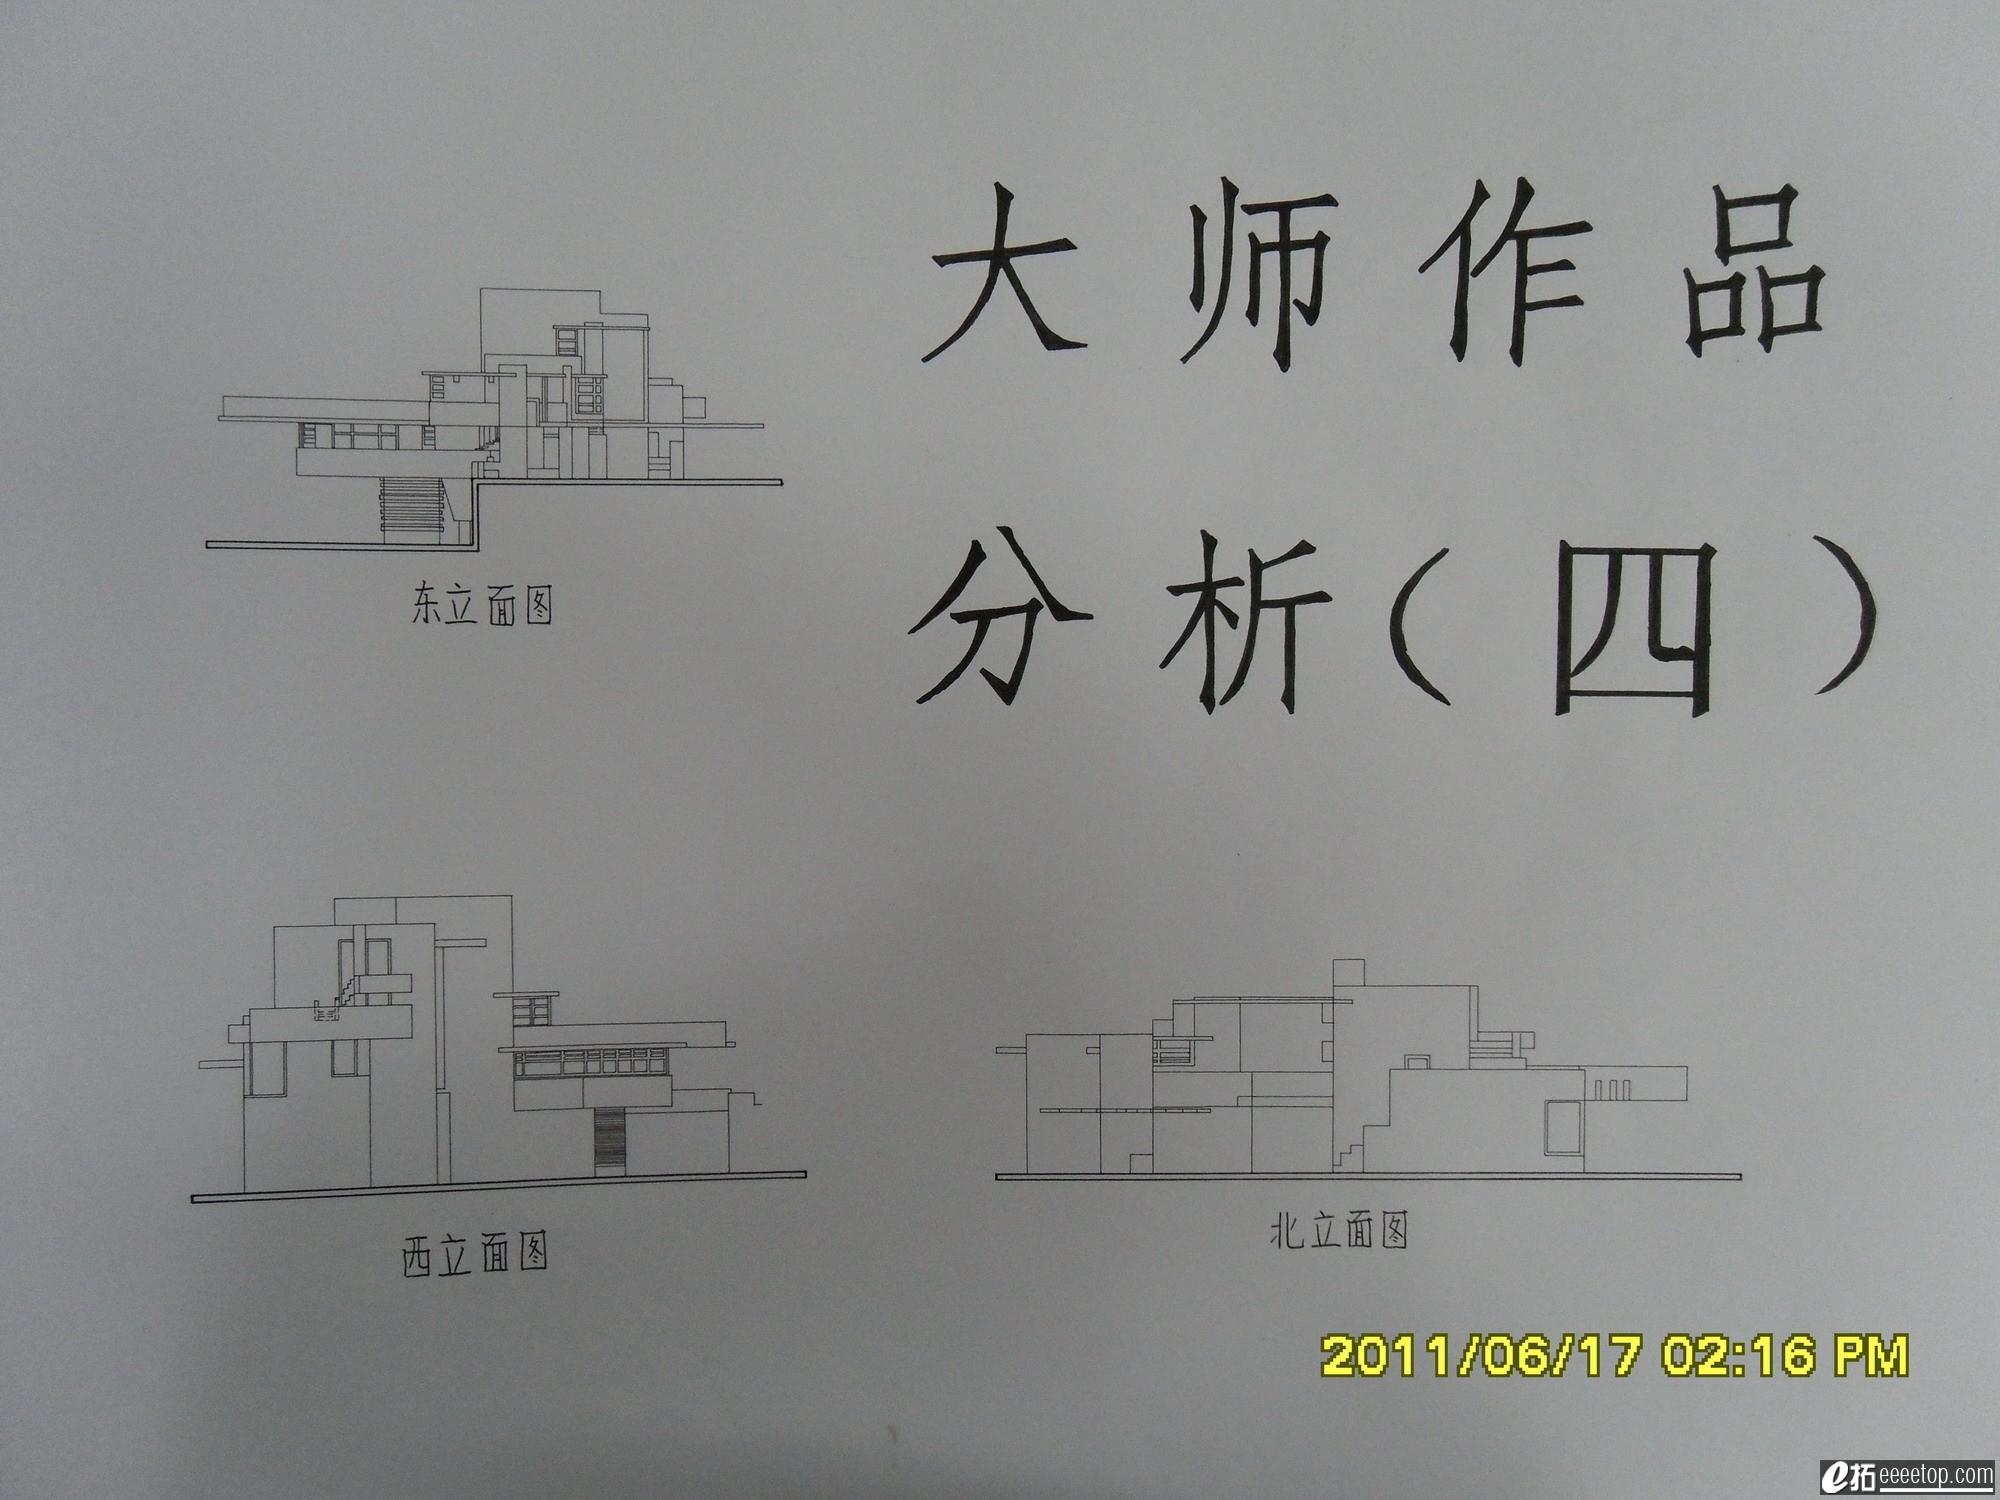 大师作品分析之流水别墅(图纸分析与手工模型)